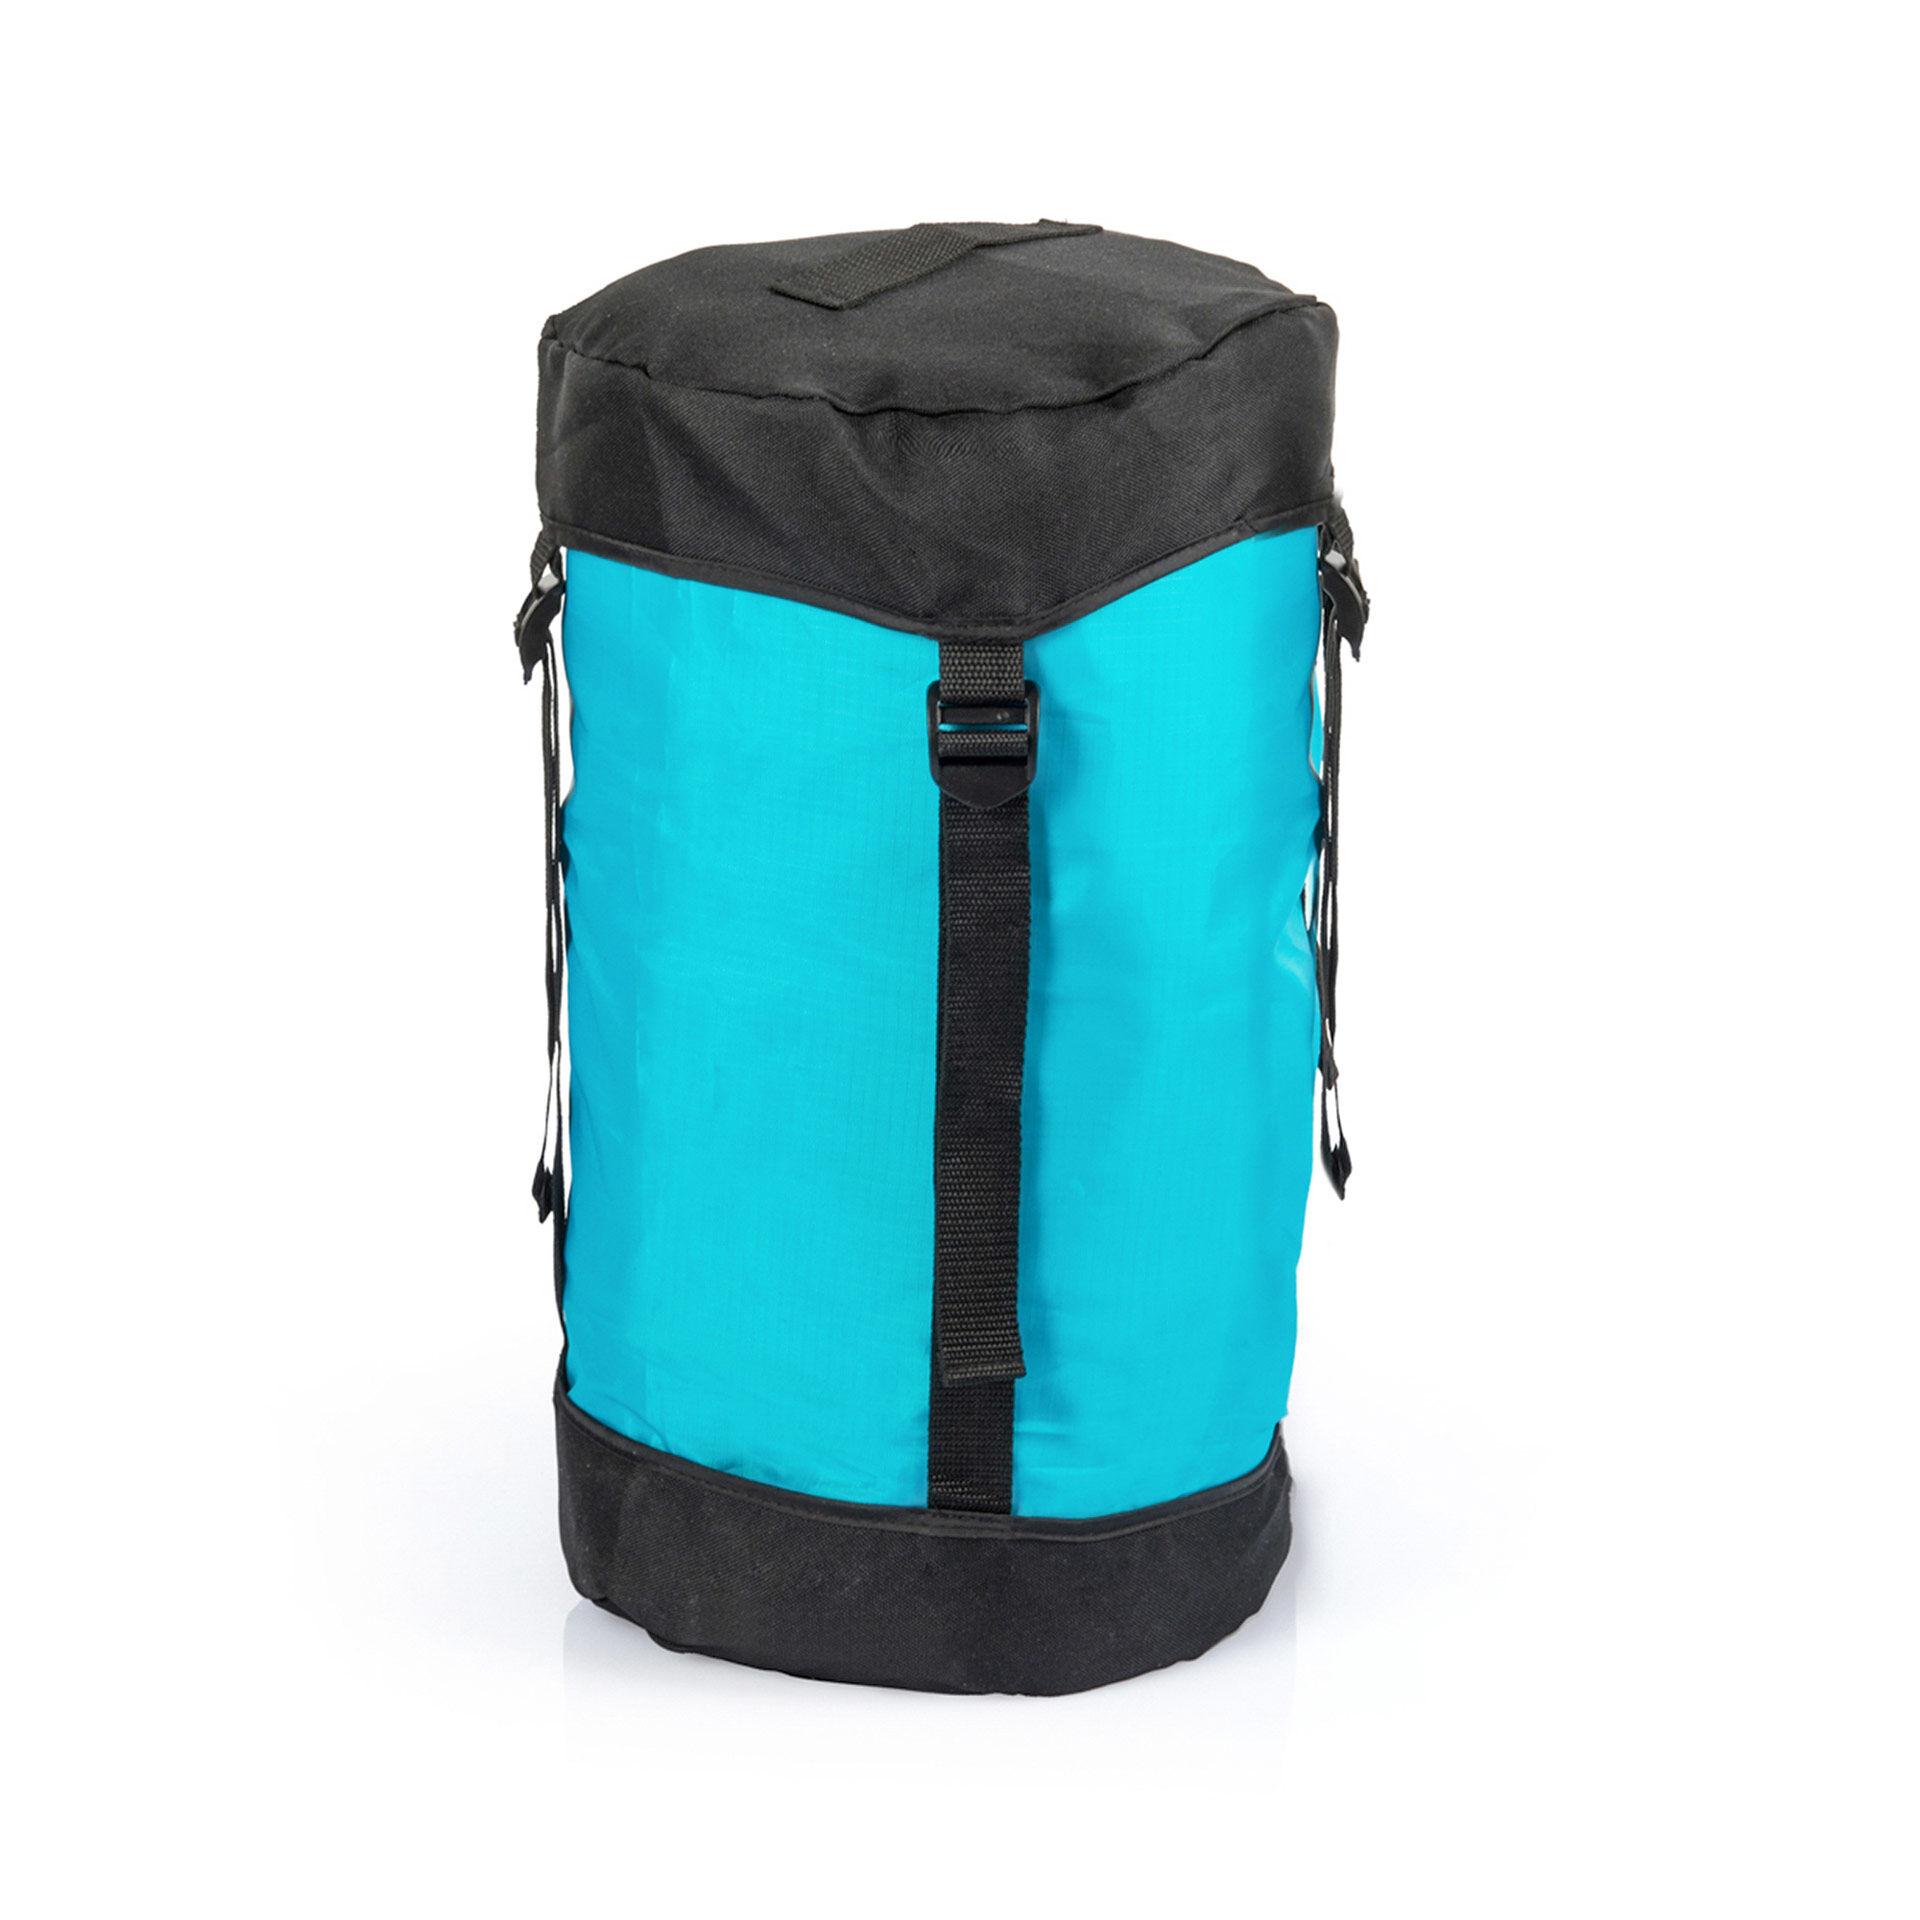 Sac compact gain de place pour compresser les vêtements de voyage, , large